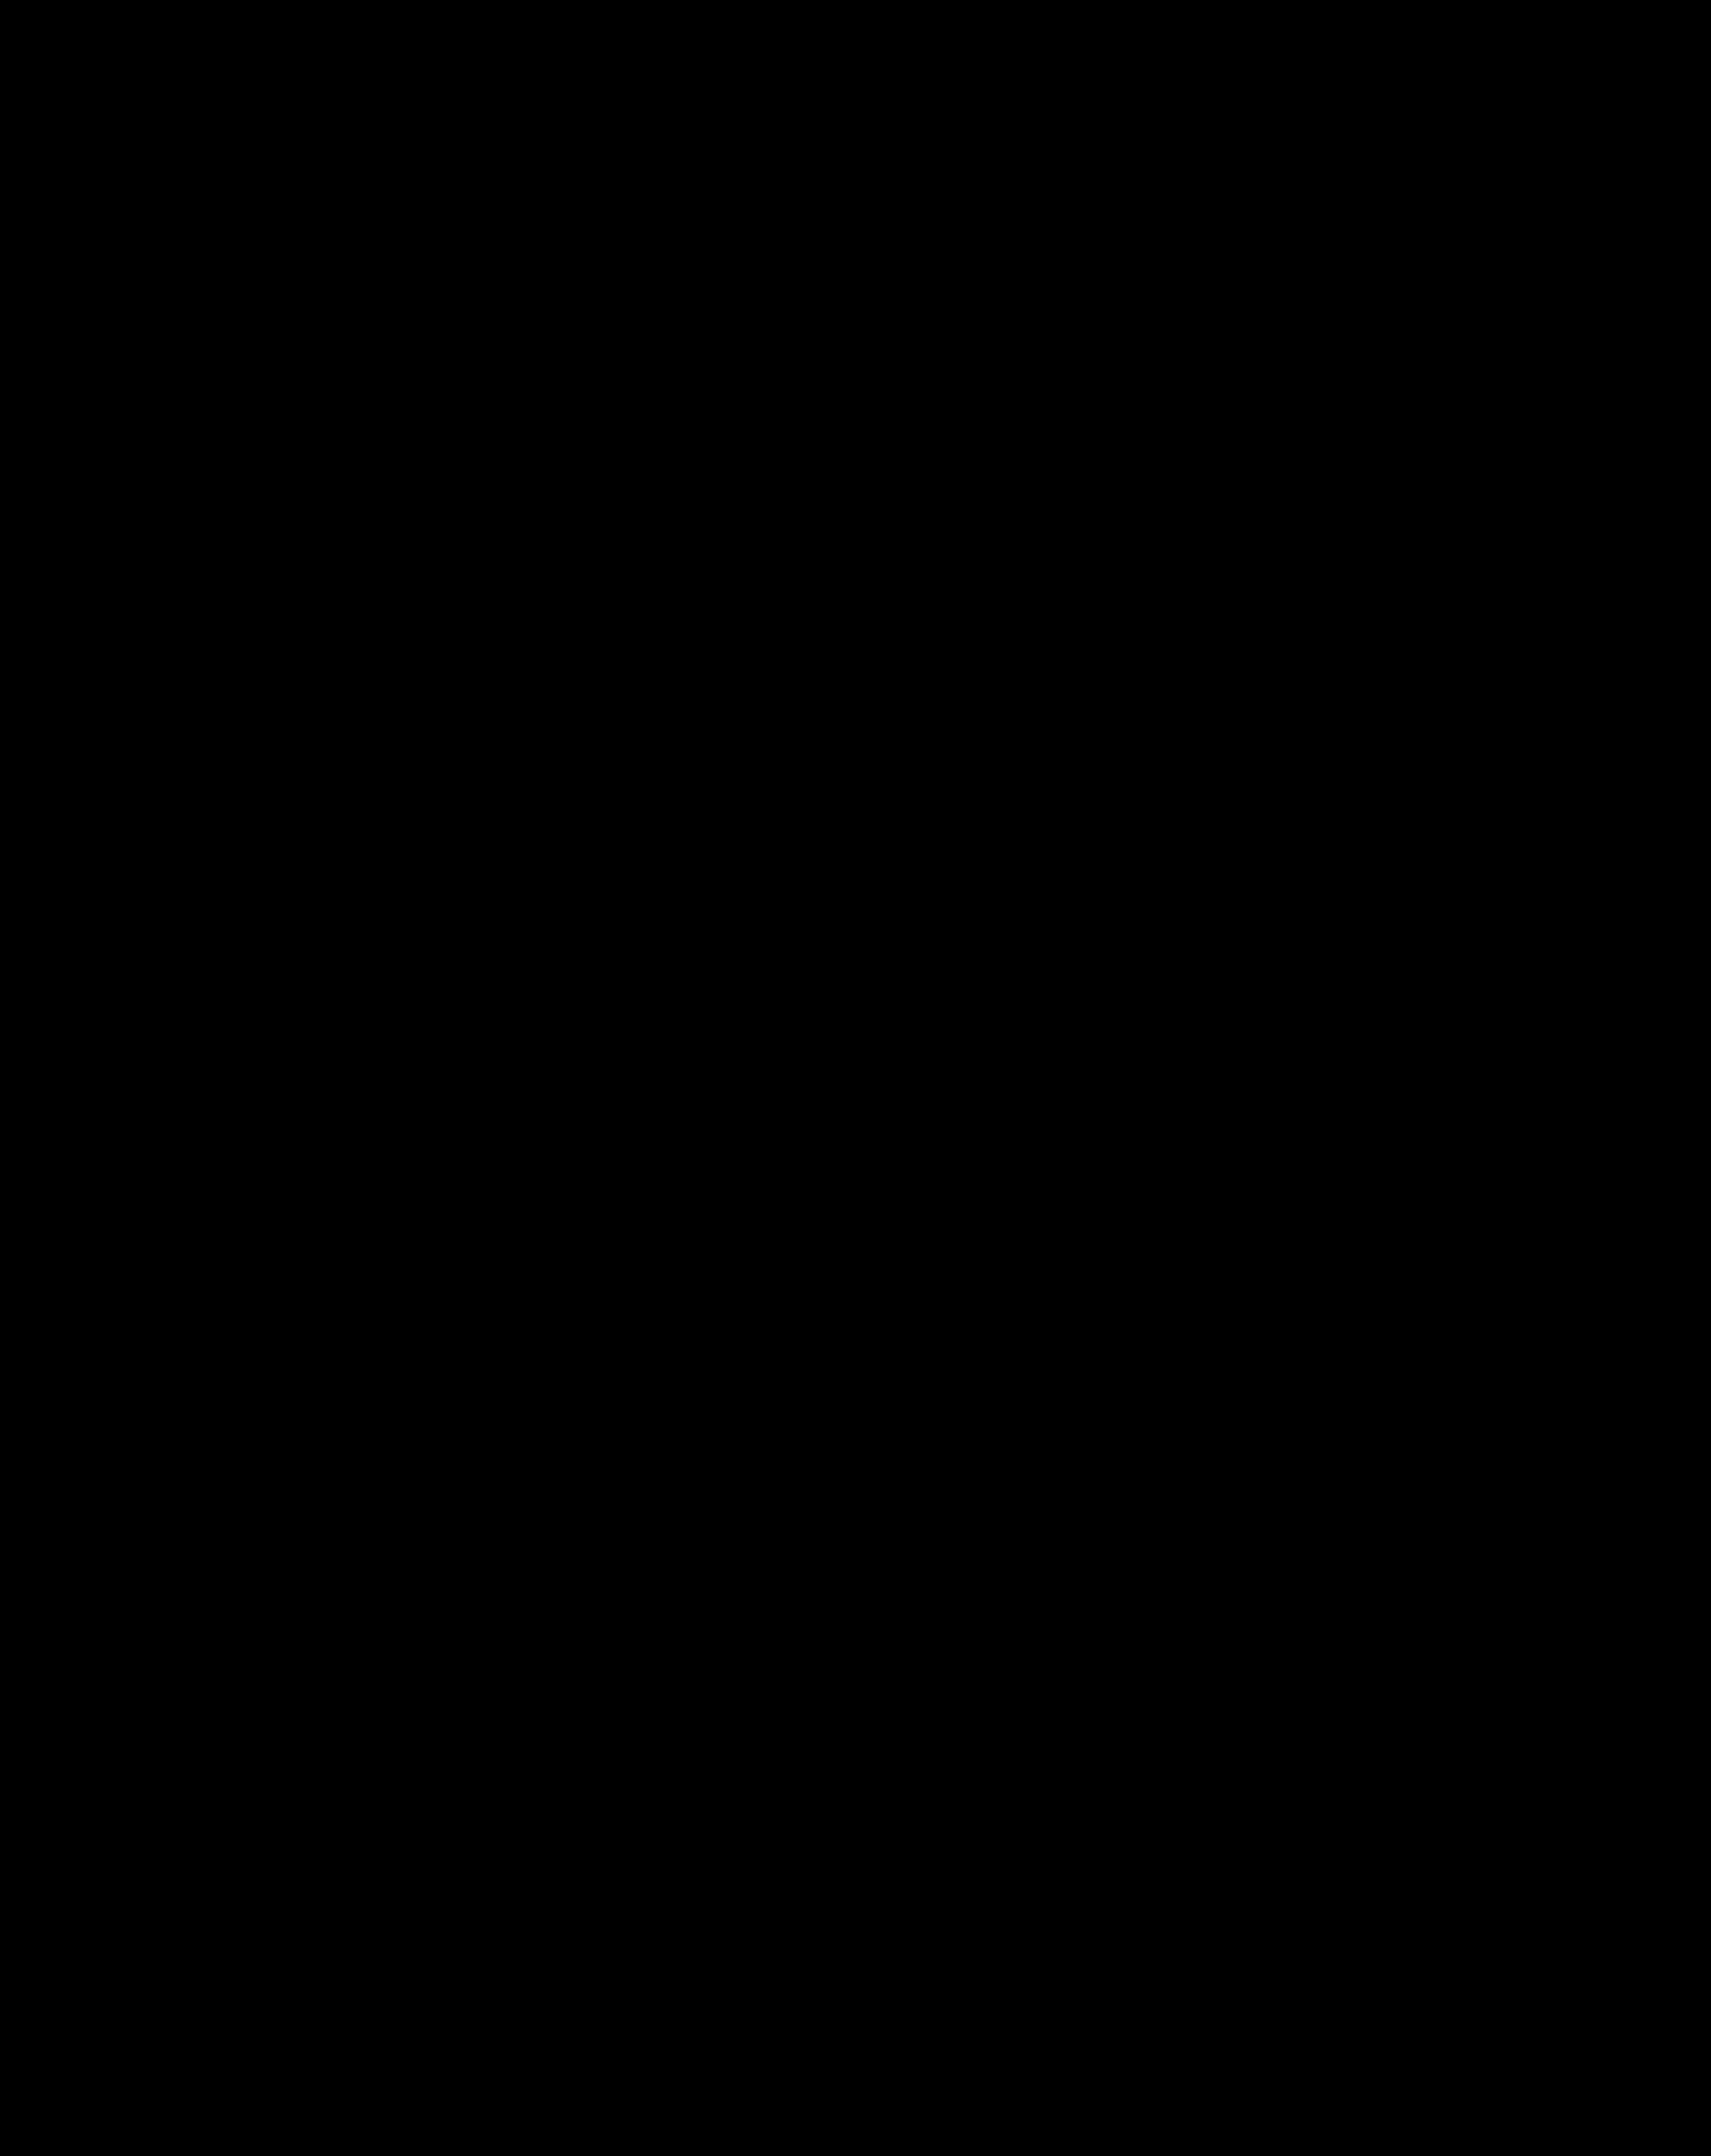 Clip Art Star NASA.